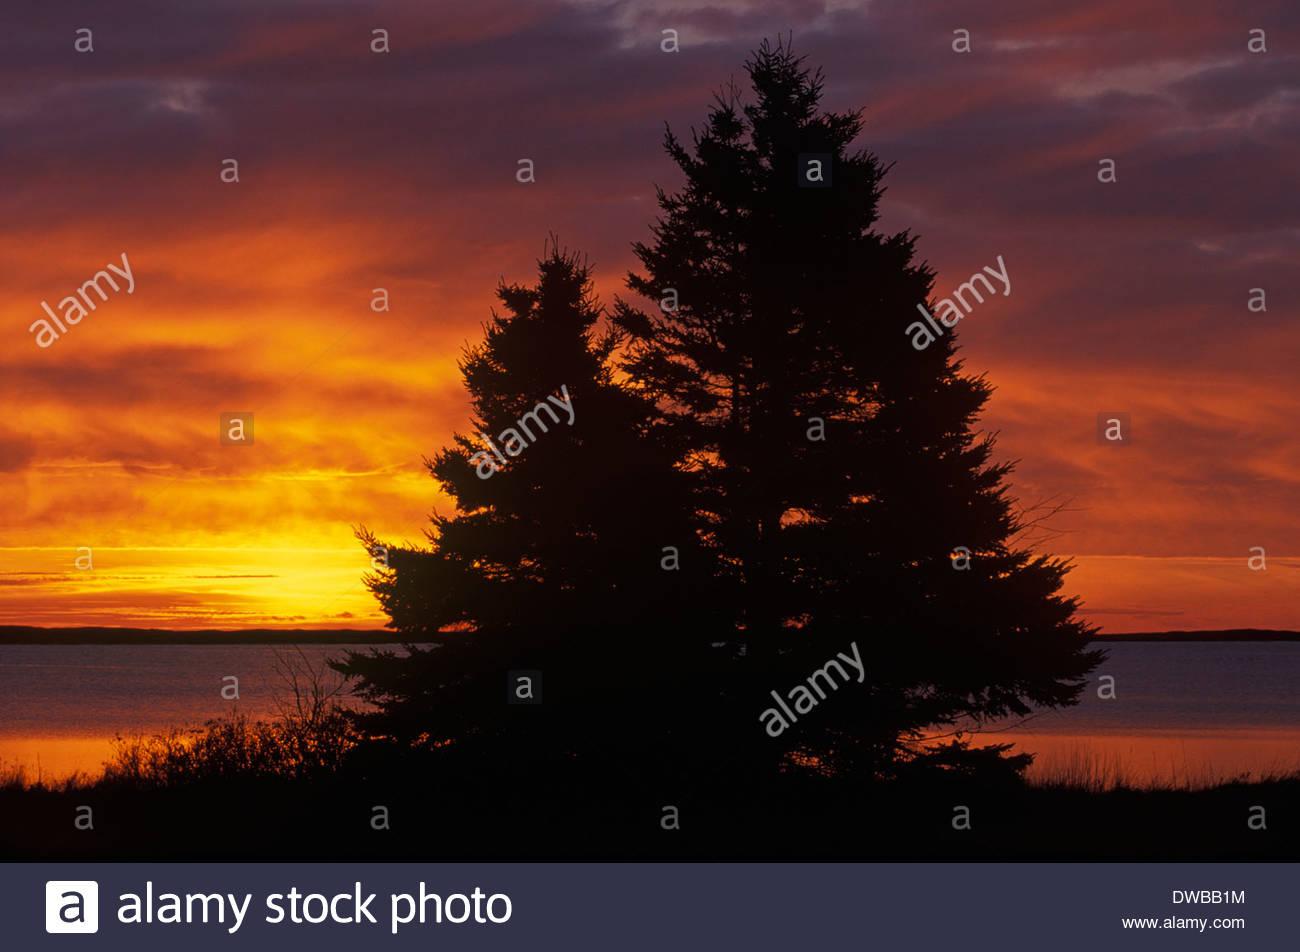 Spruce tree at sunrise, Kouchibouguac National Park, New Brunswick, Canada - Stock Image